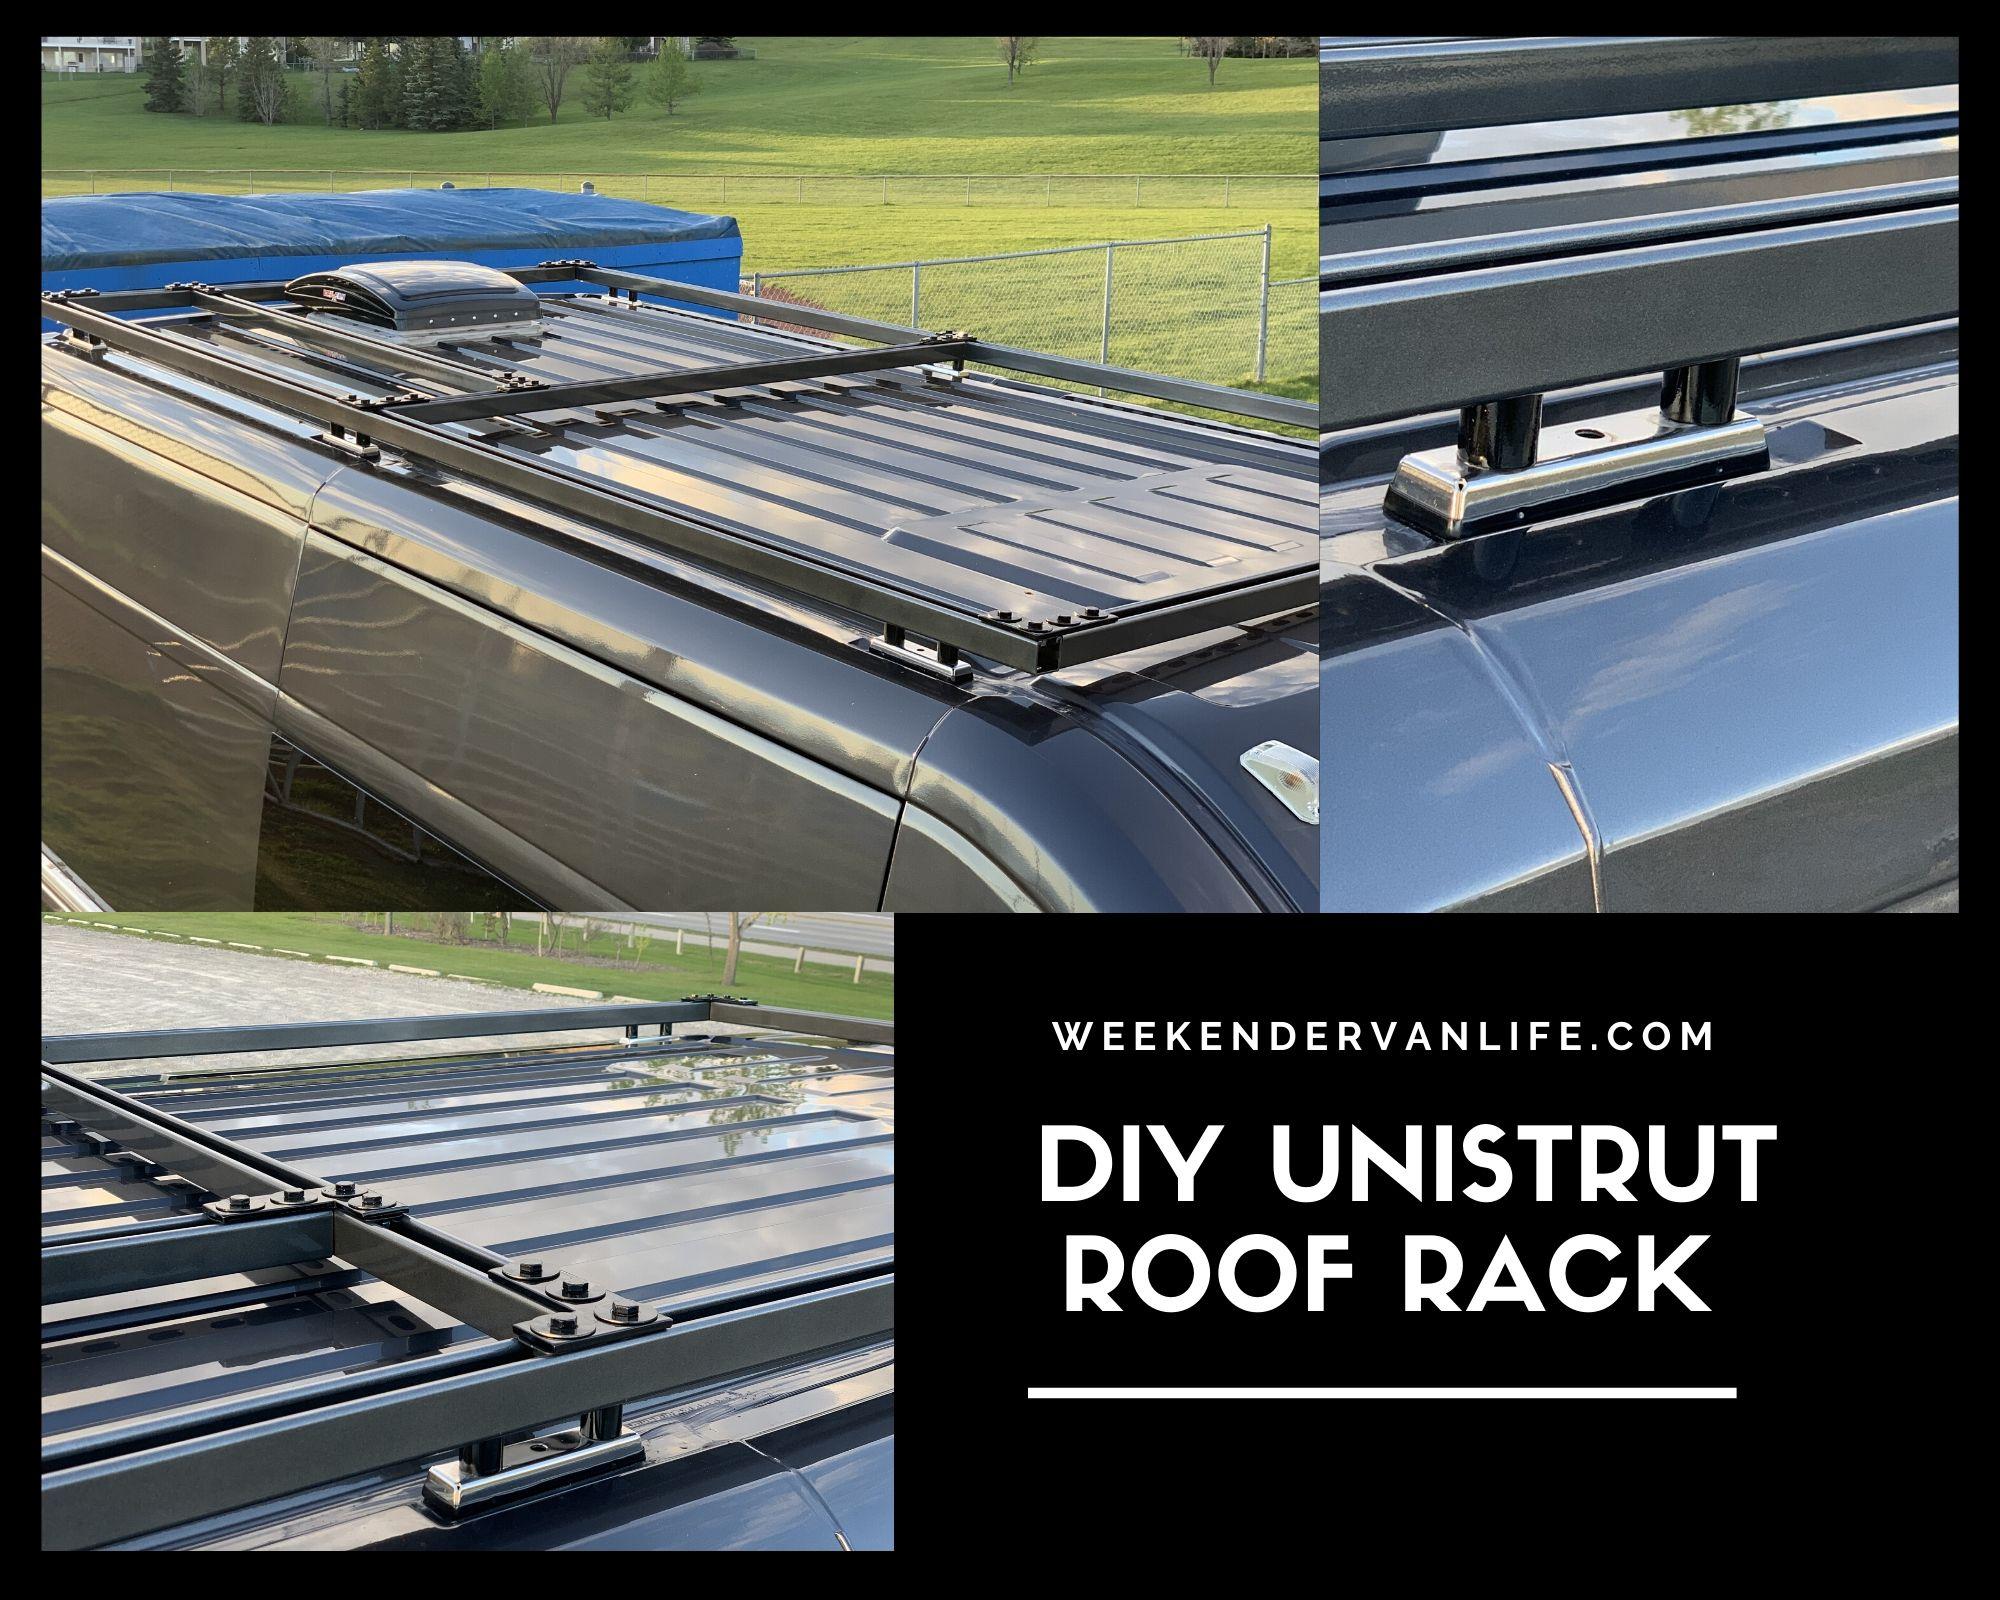 Unistrut Van Roof Rack Diy